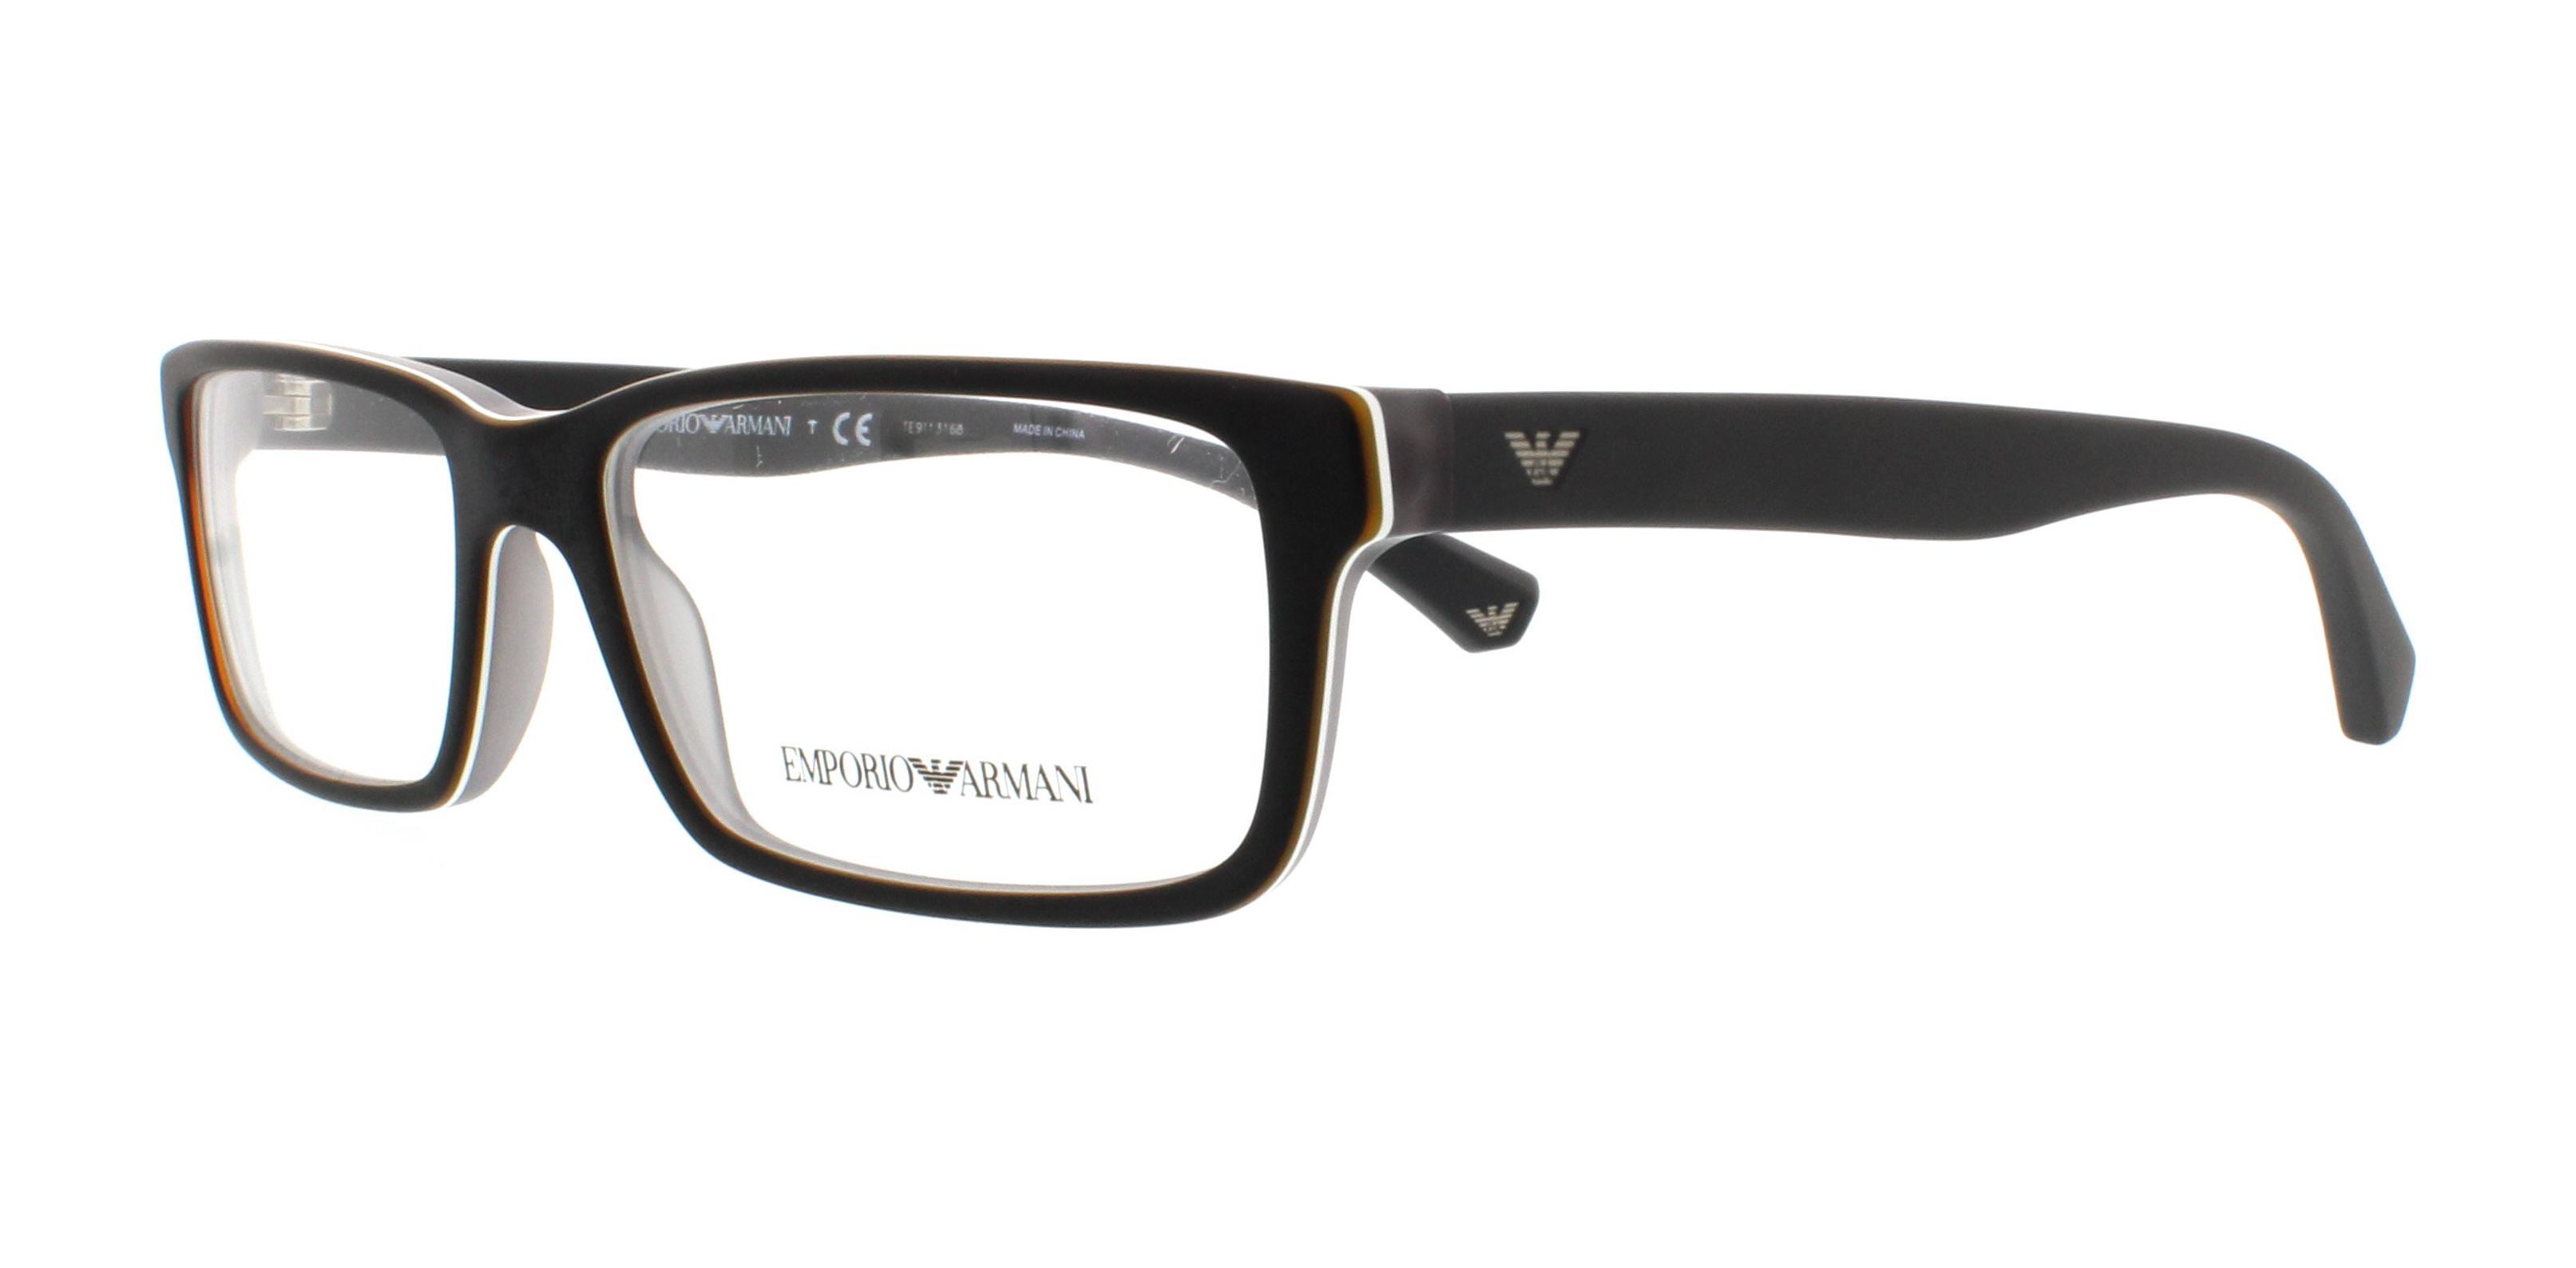 EMPORIO ARMANI Eyeglasses EA3061 5390 Black/Matte Grey 55MM ...